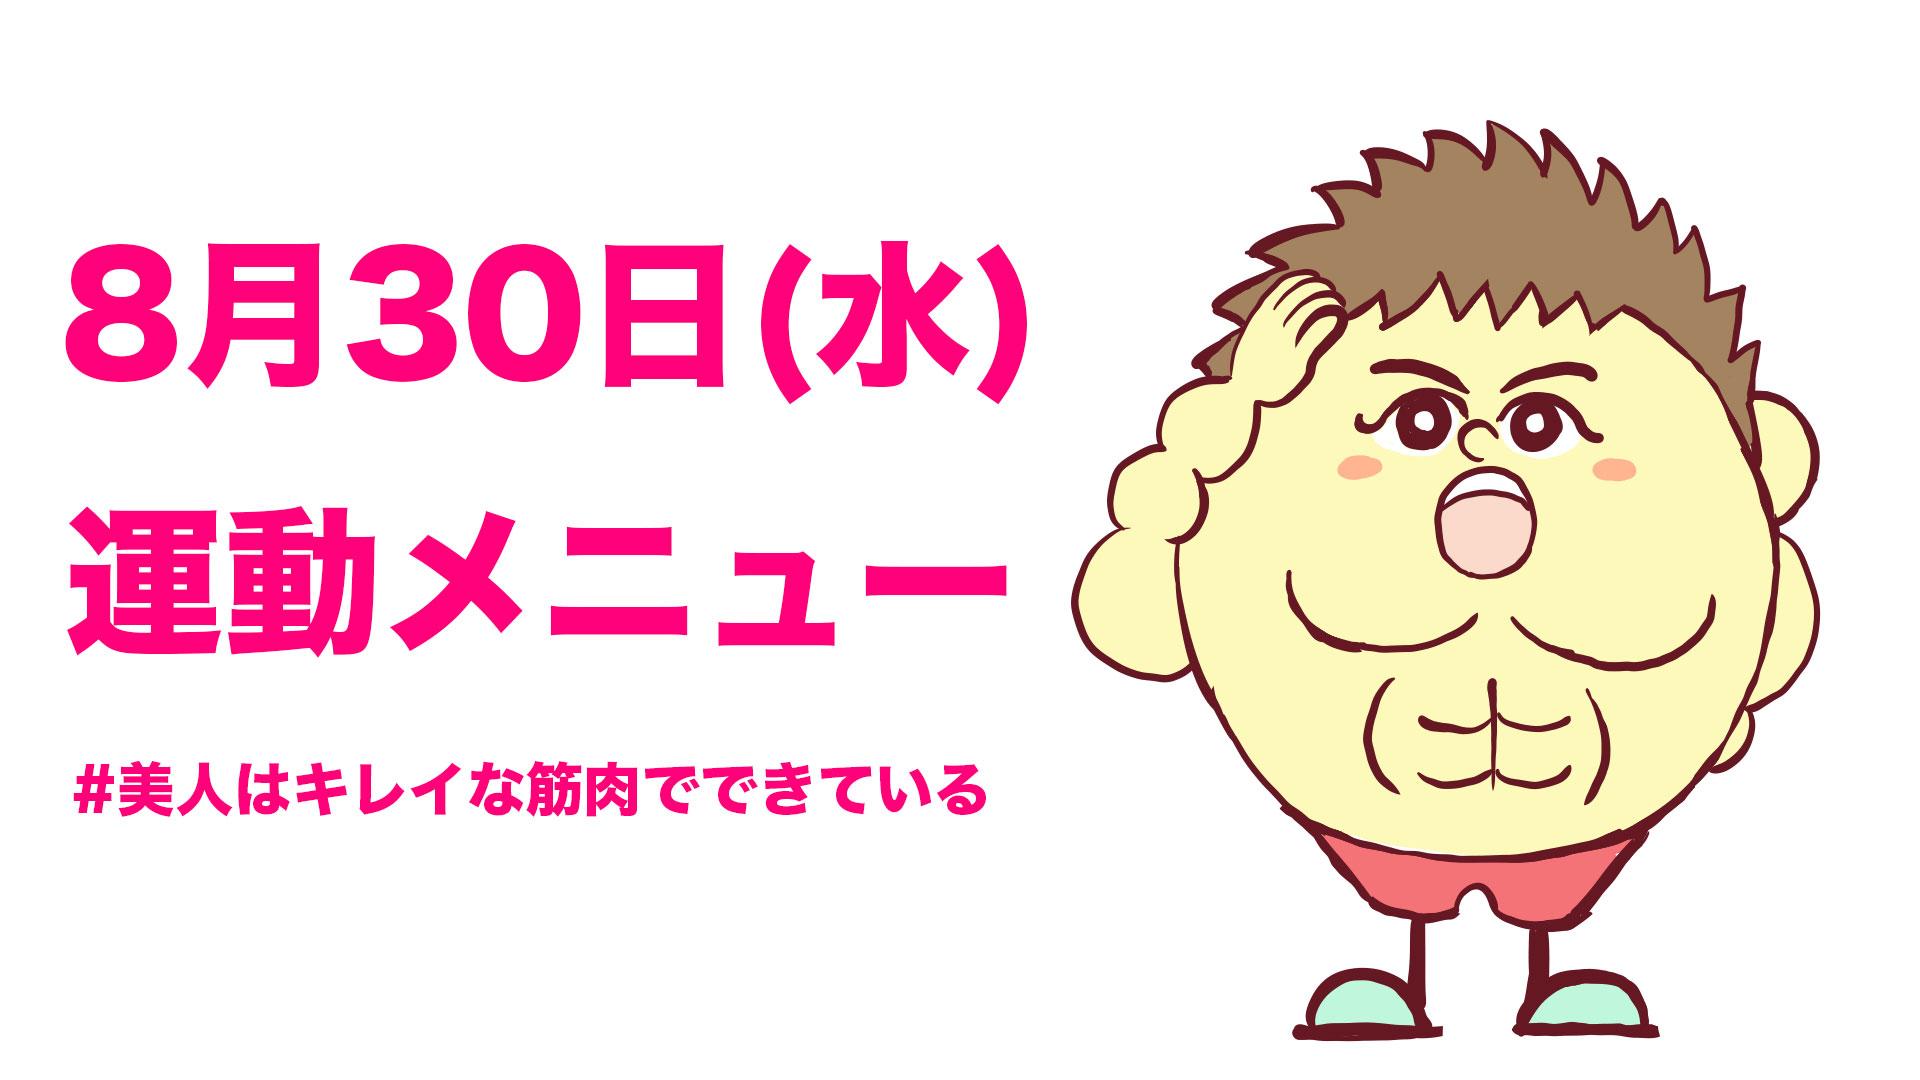 8/30の運動メニュー!